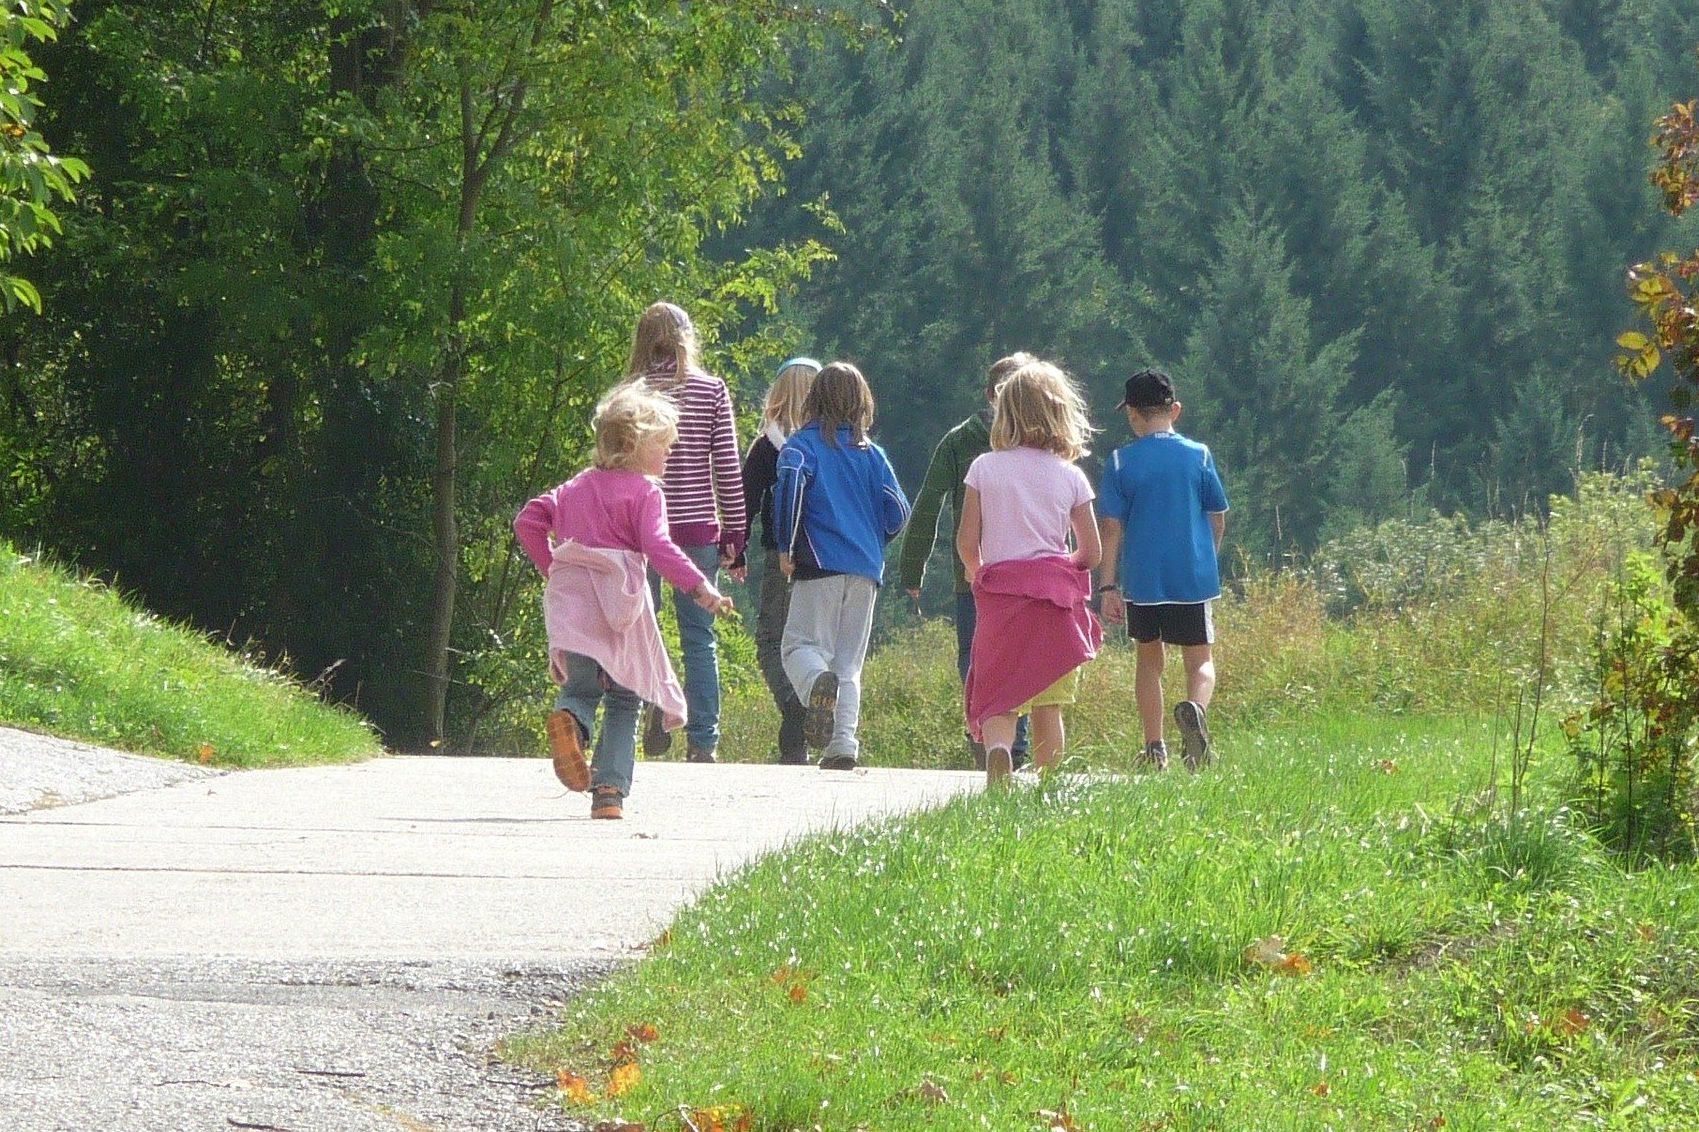 Kinder gehen zu einem Ausflug